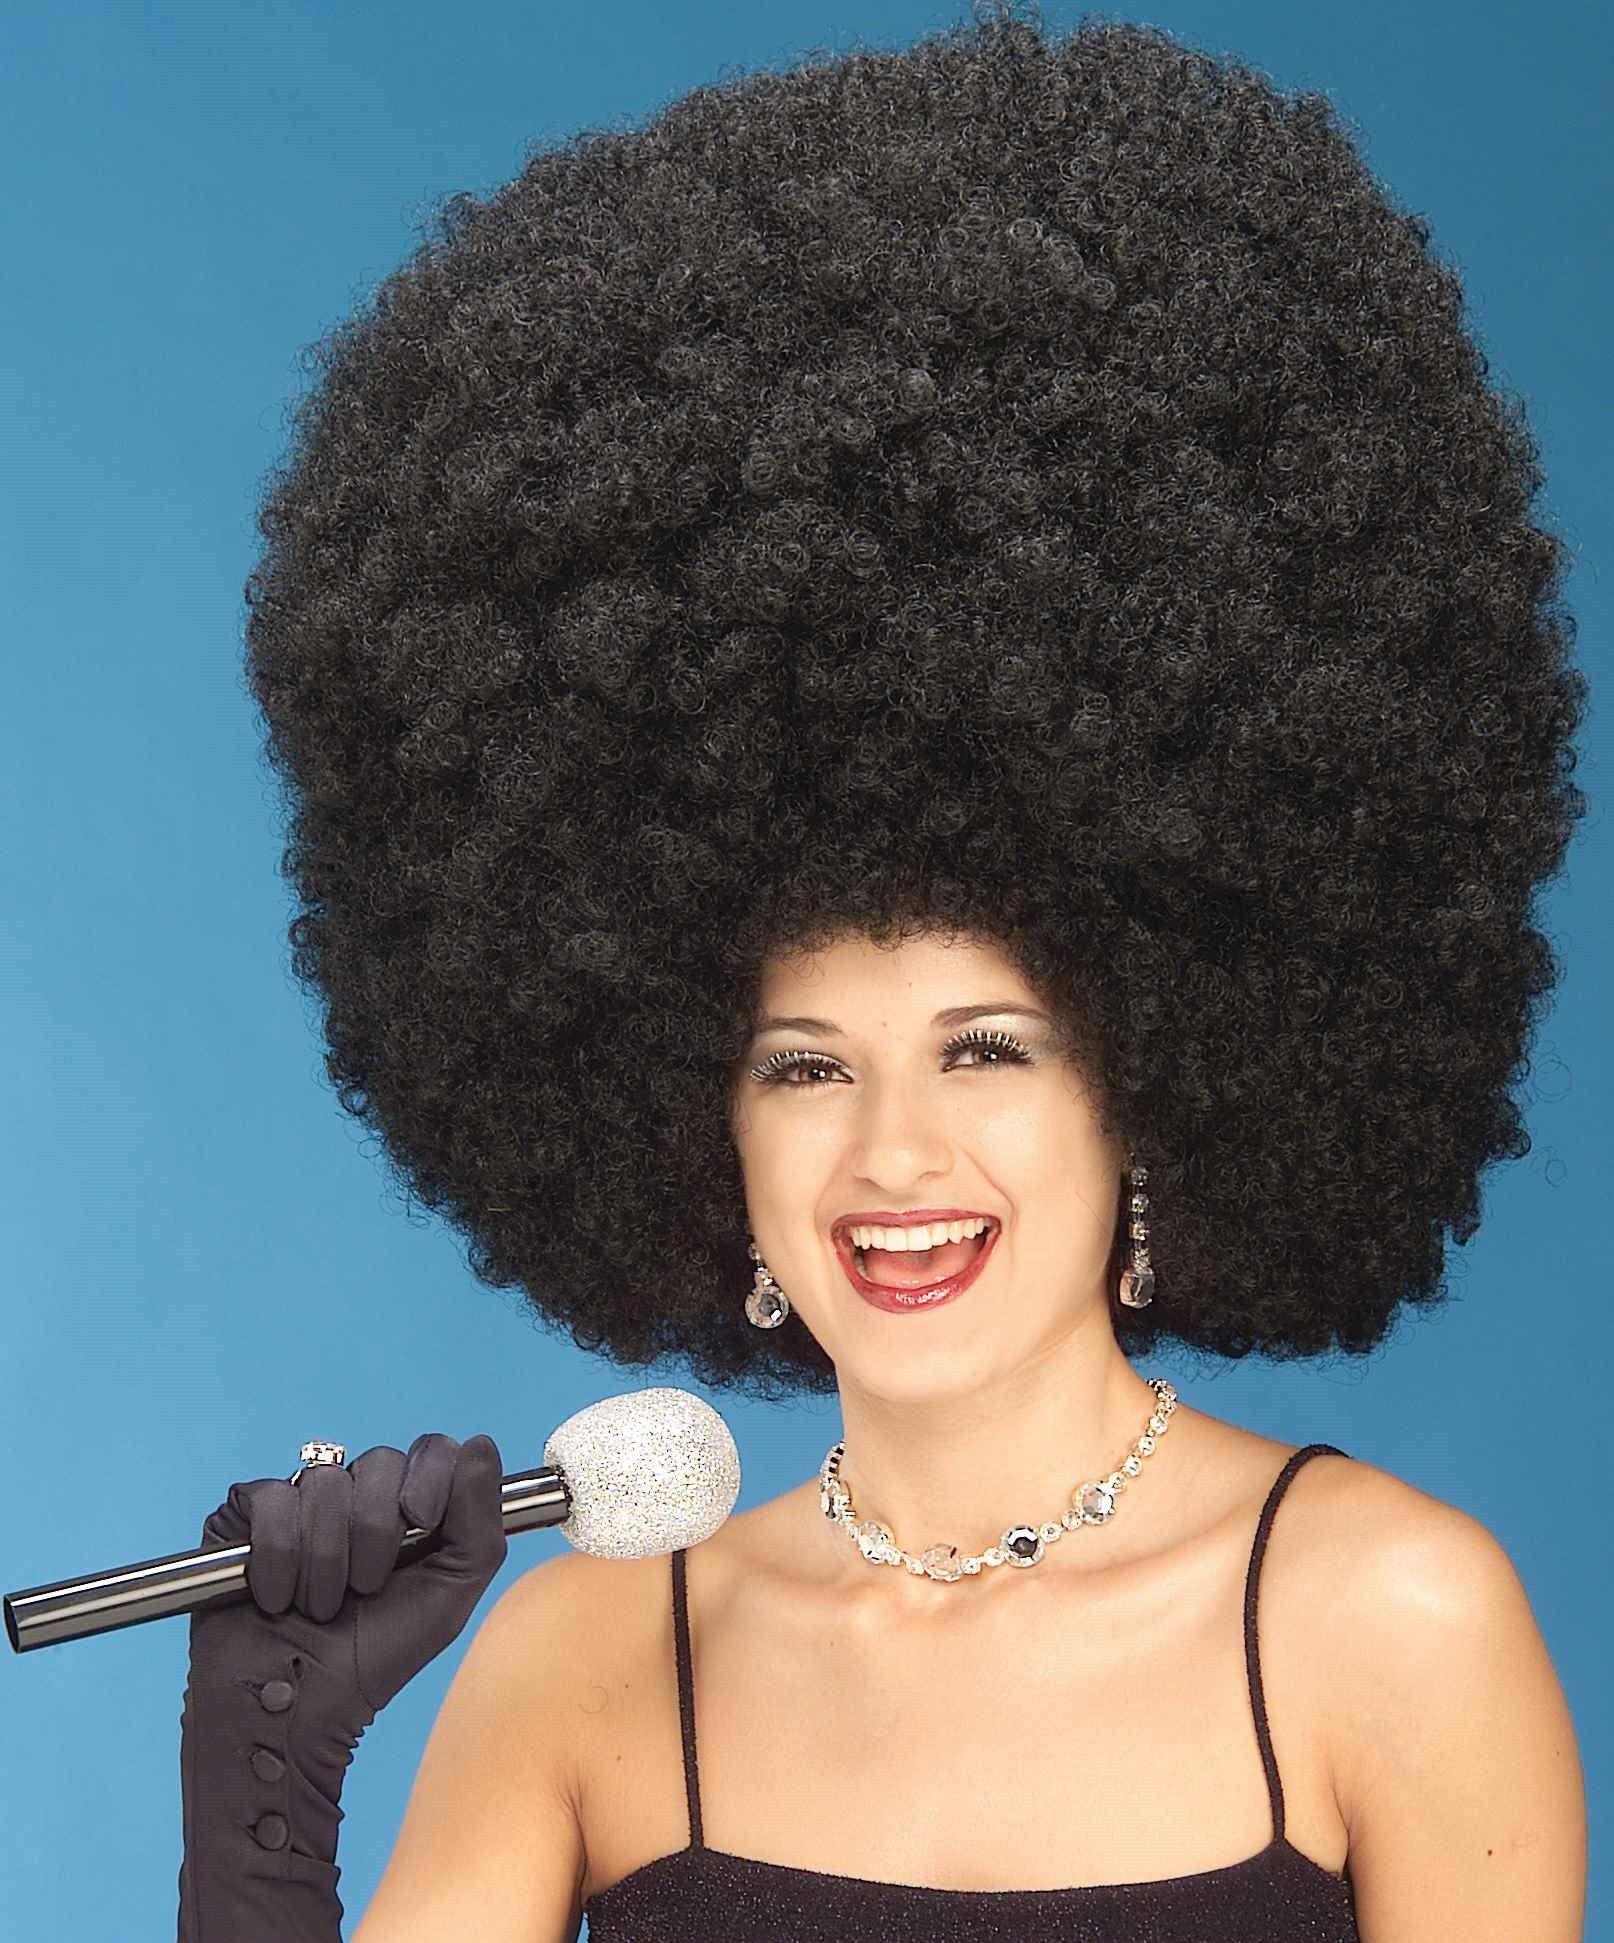 Цветов, смешные картинки в парике